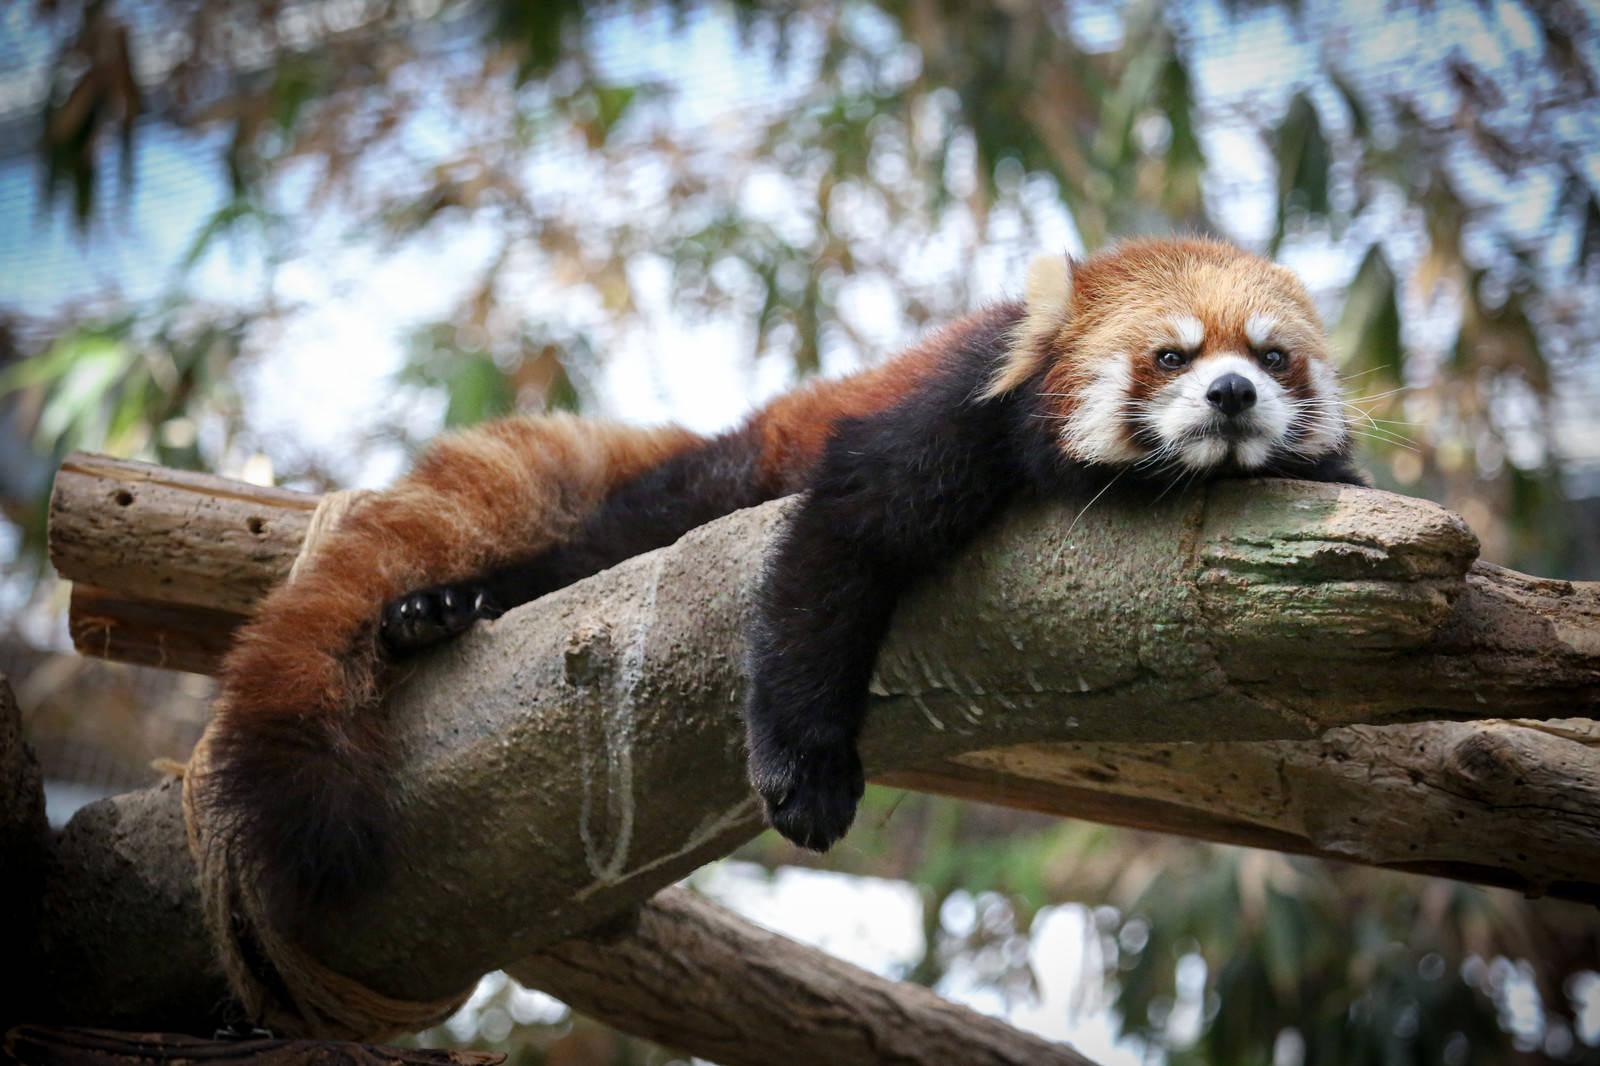 「明日から本気出すレッサーパンダ」の写真